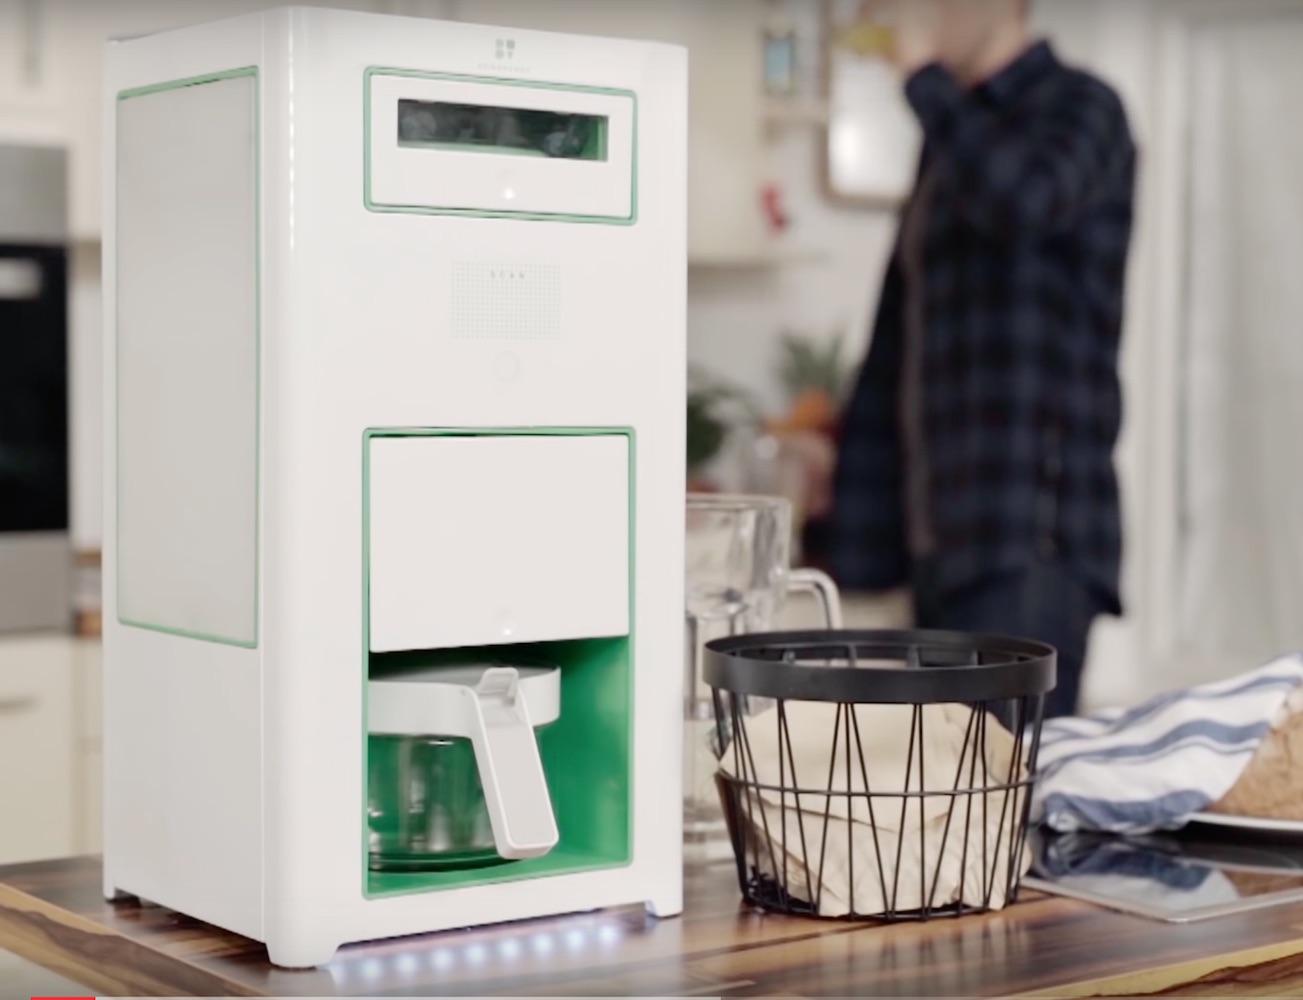 Bonaverde – The World's First Roast, Grind, Brew Coffee Machine